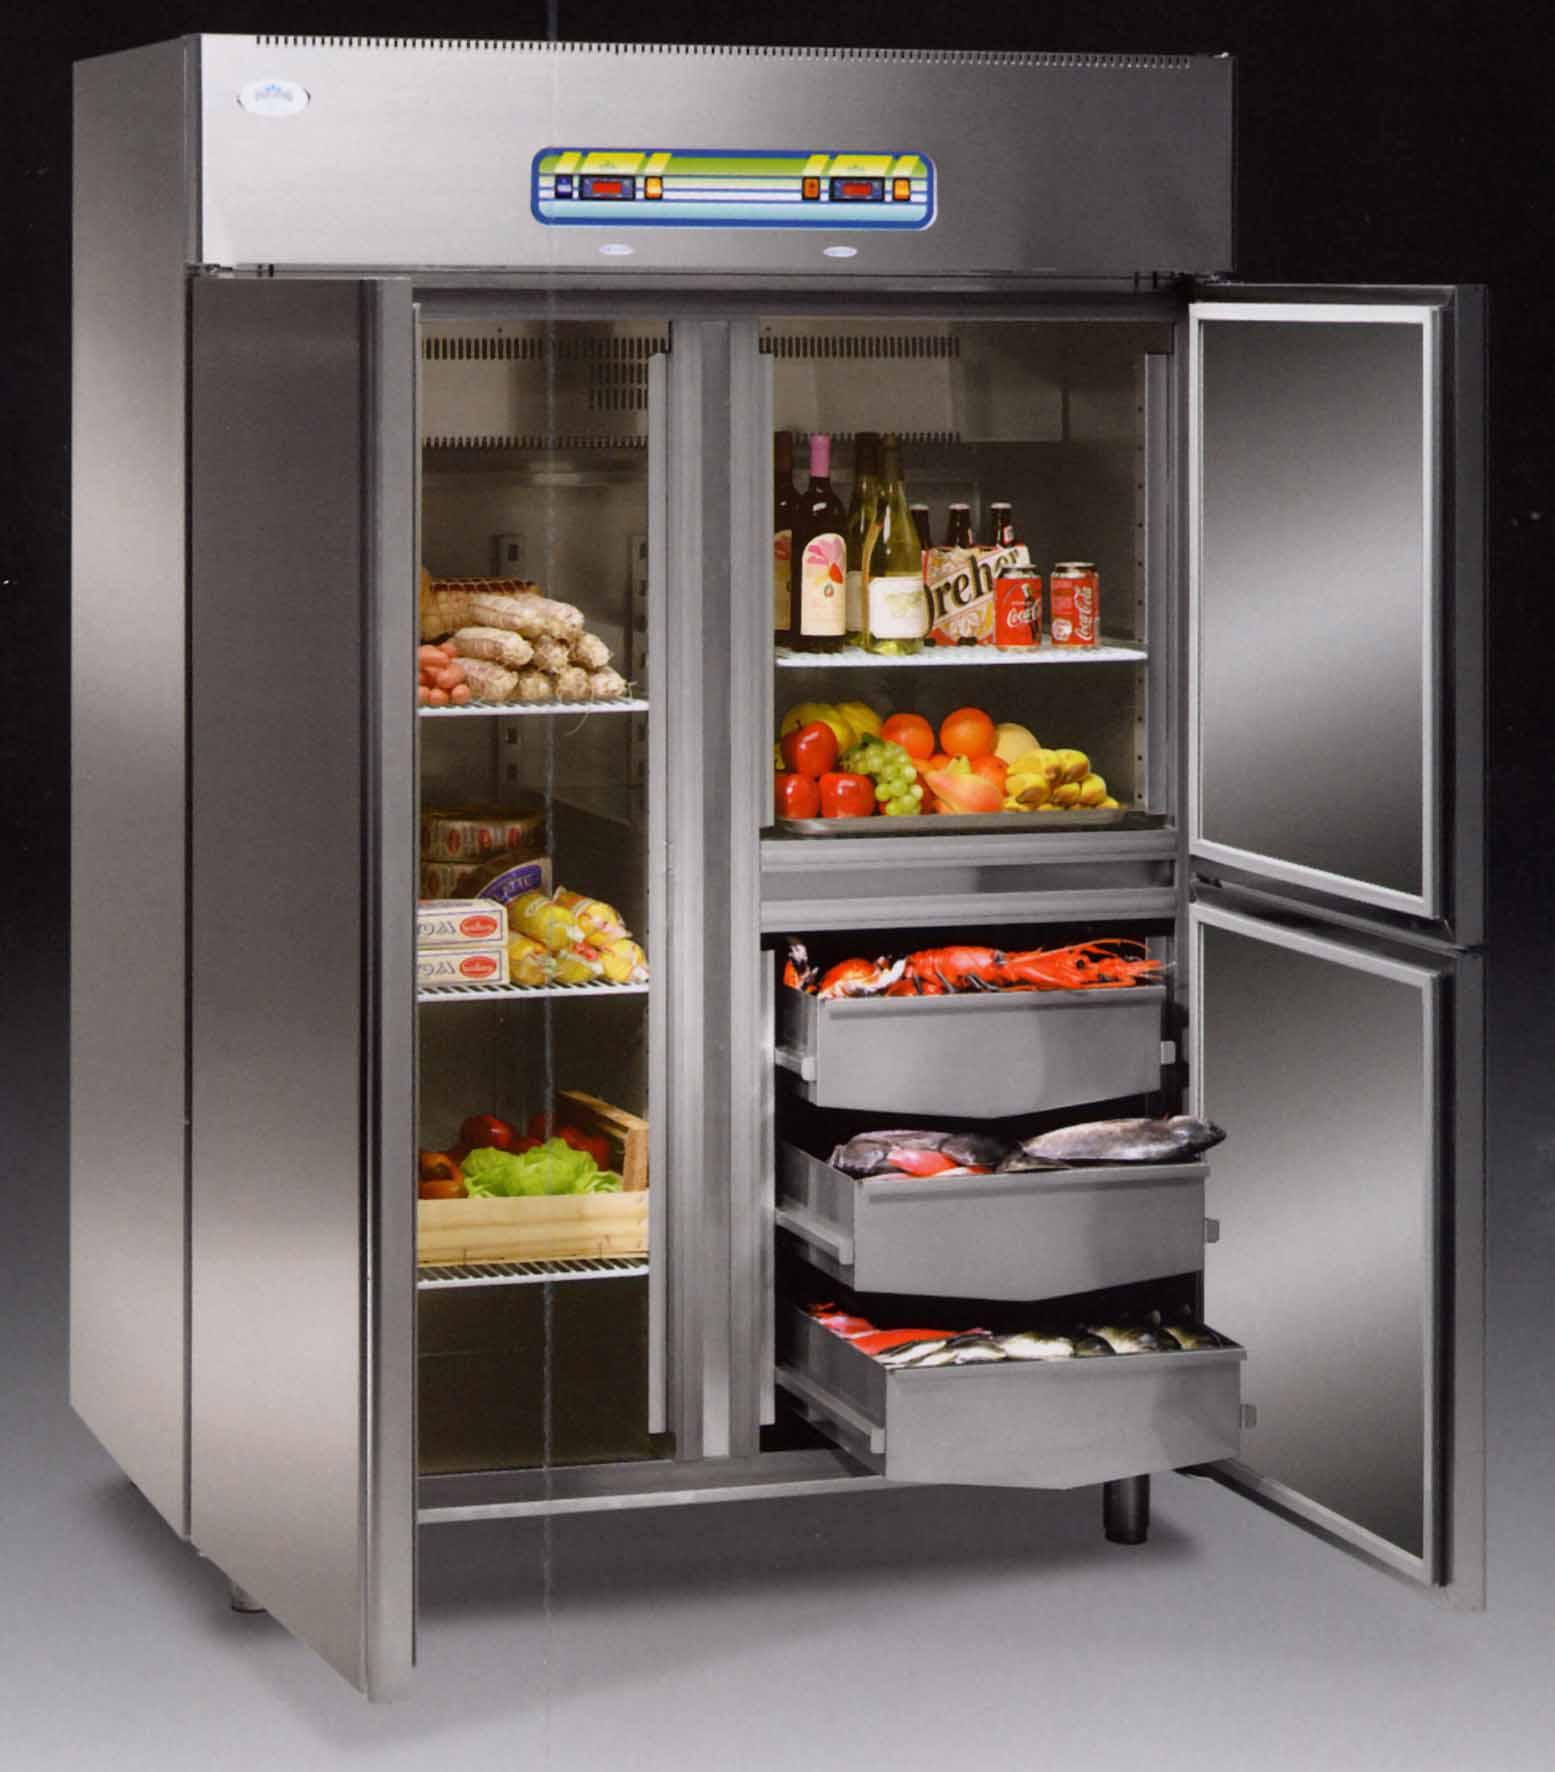 Cucine Ristoranti Usate Prezzi.Armadi Refrigerati Con Piu Motori Arredamento Ristoranti Bar Milano